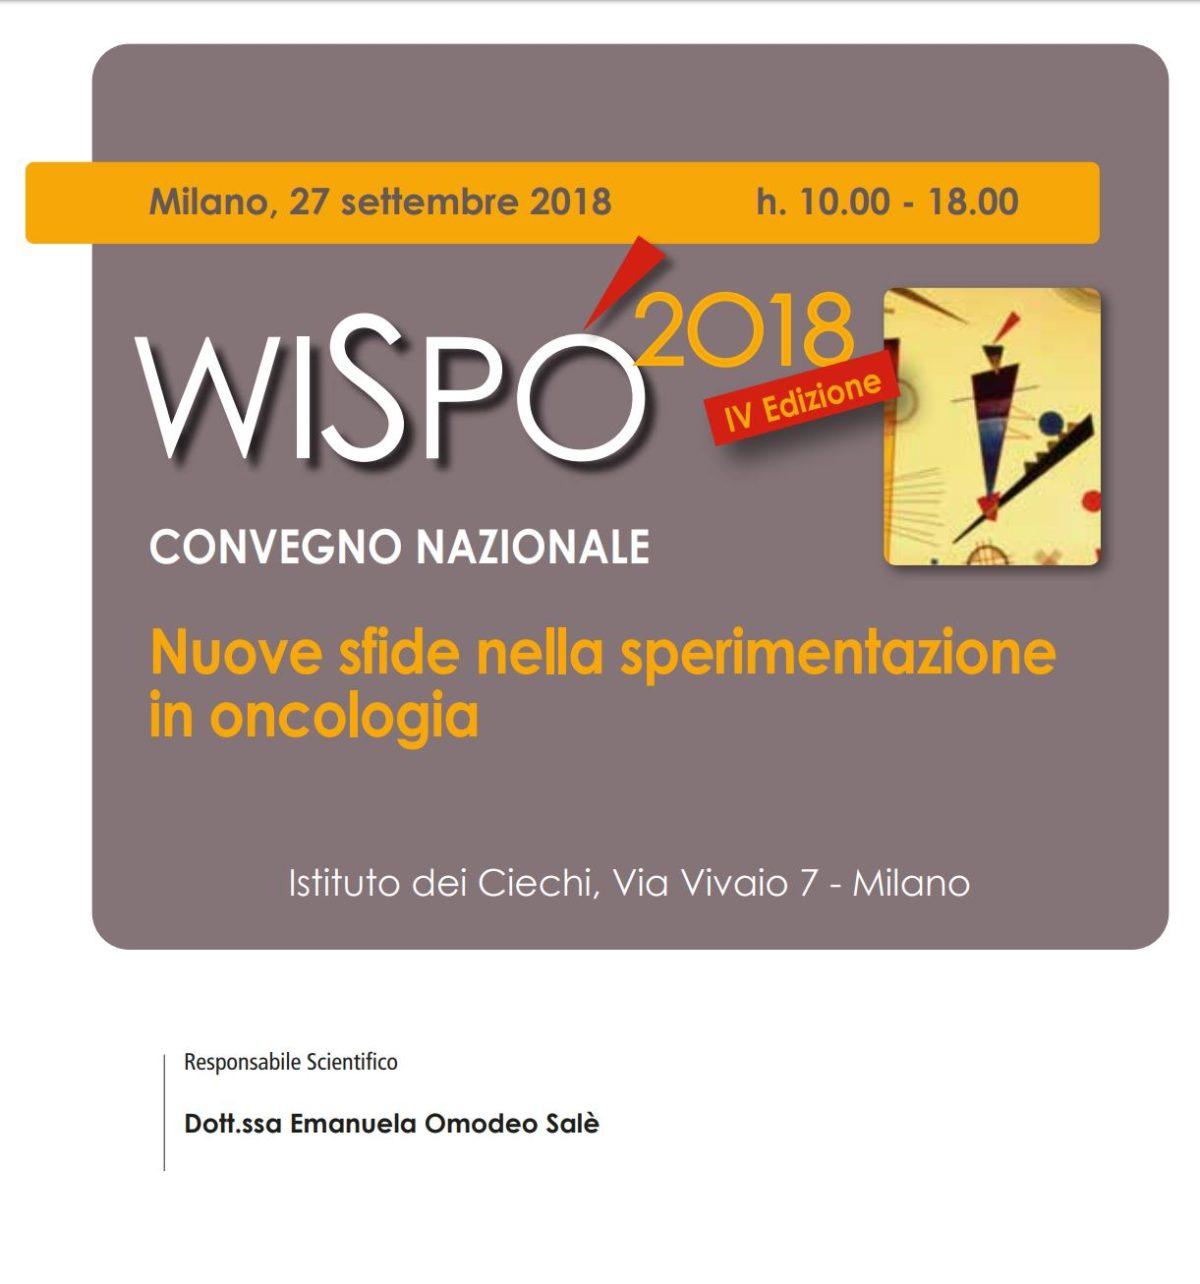 Wispo2018-1200x1284.jpg